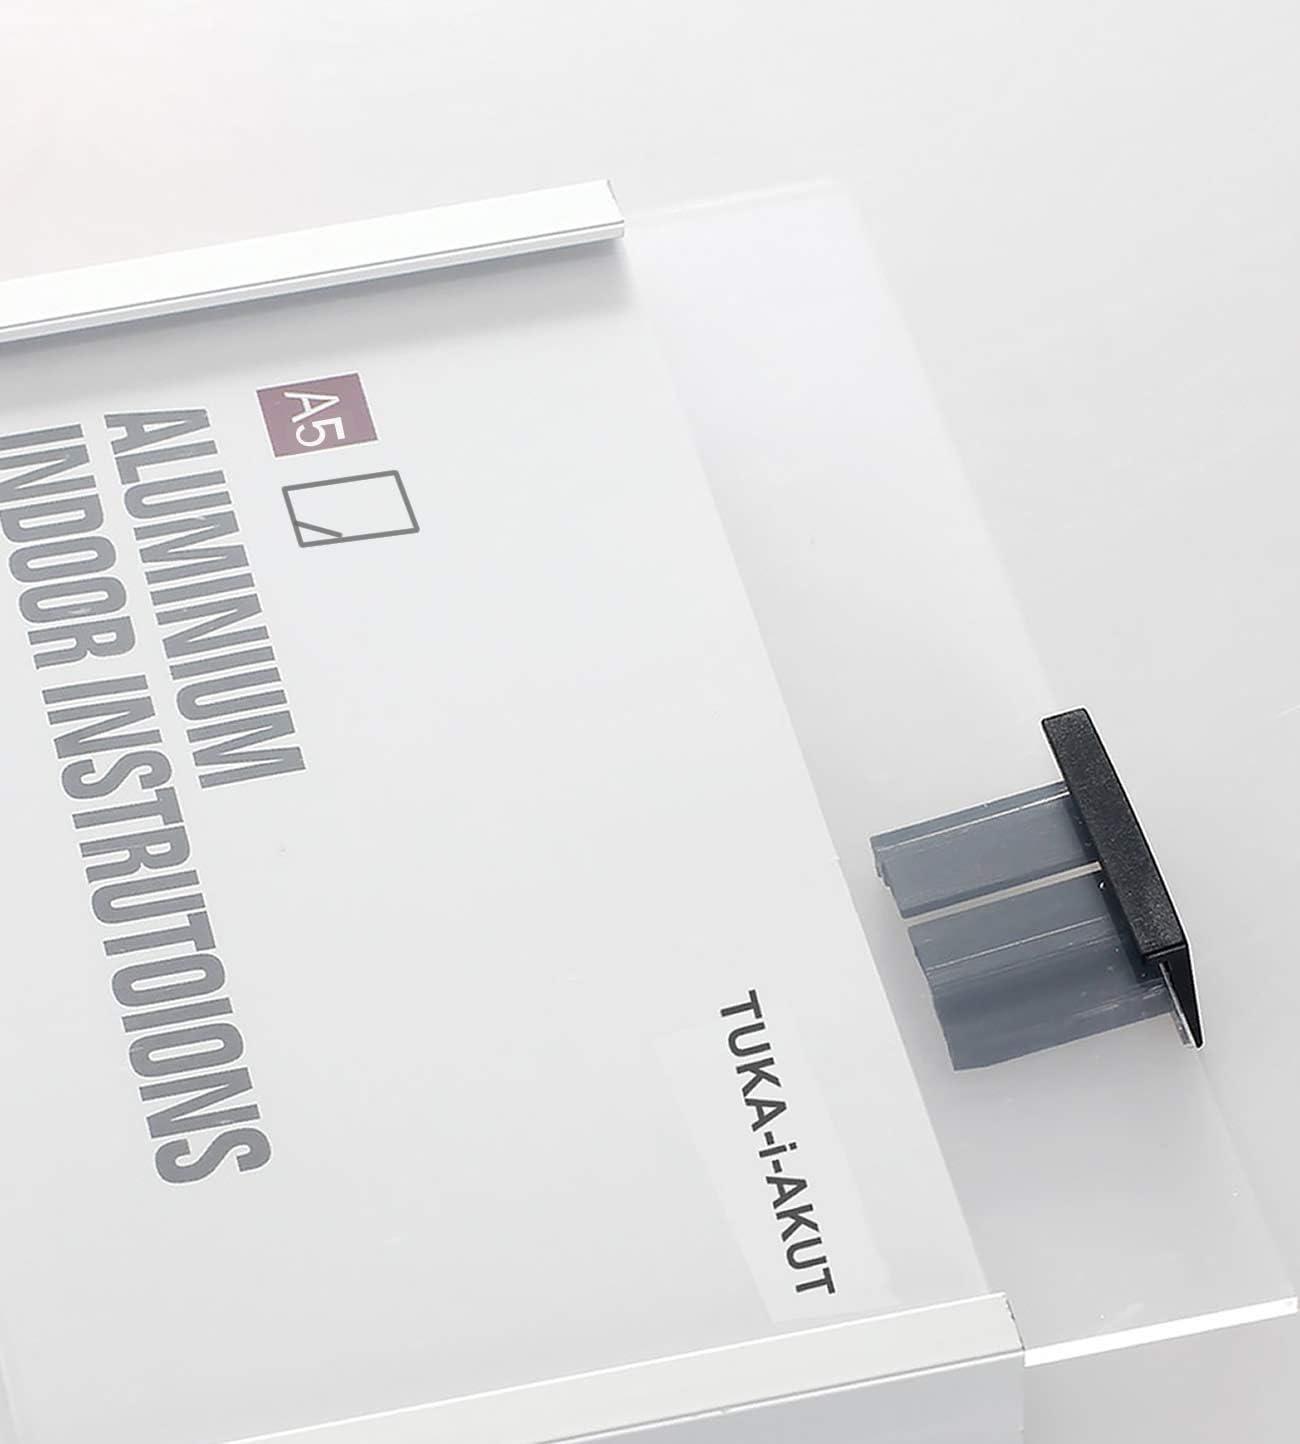 B/üro T/ürschild A4 Infoschild f/ür Wandmontage Anschrauben oder Ankleben TUKA-i-AKUT 5st Aluminium und Klare Abdeckung B/üroschild zum selbst beschriften f/ür schild 297 mm x 210 mm TKD8302-A4-5x